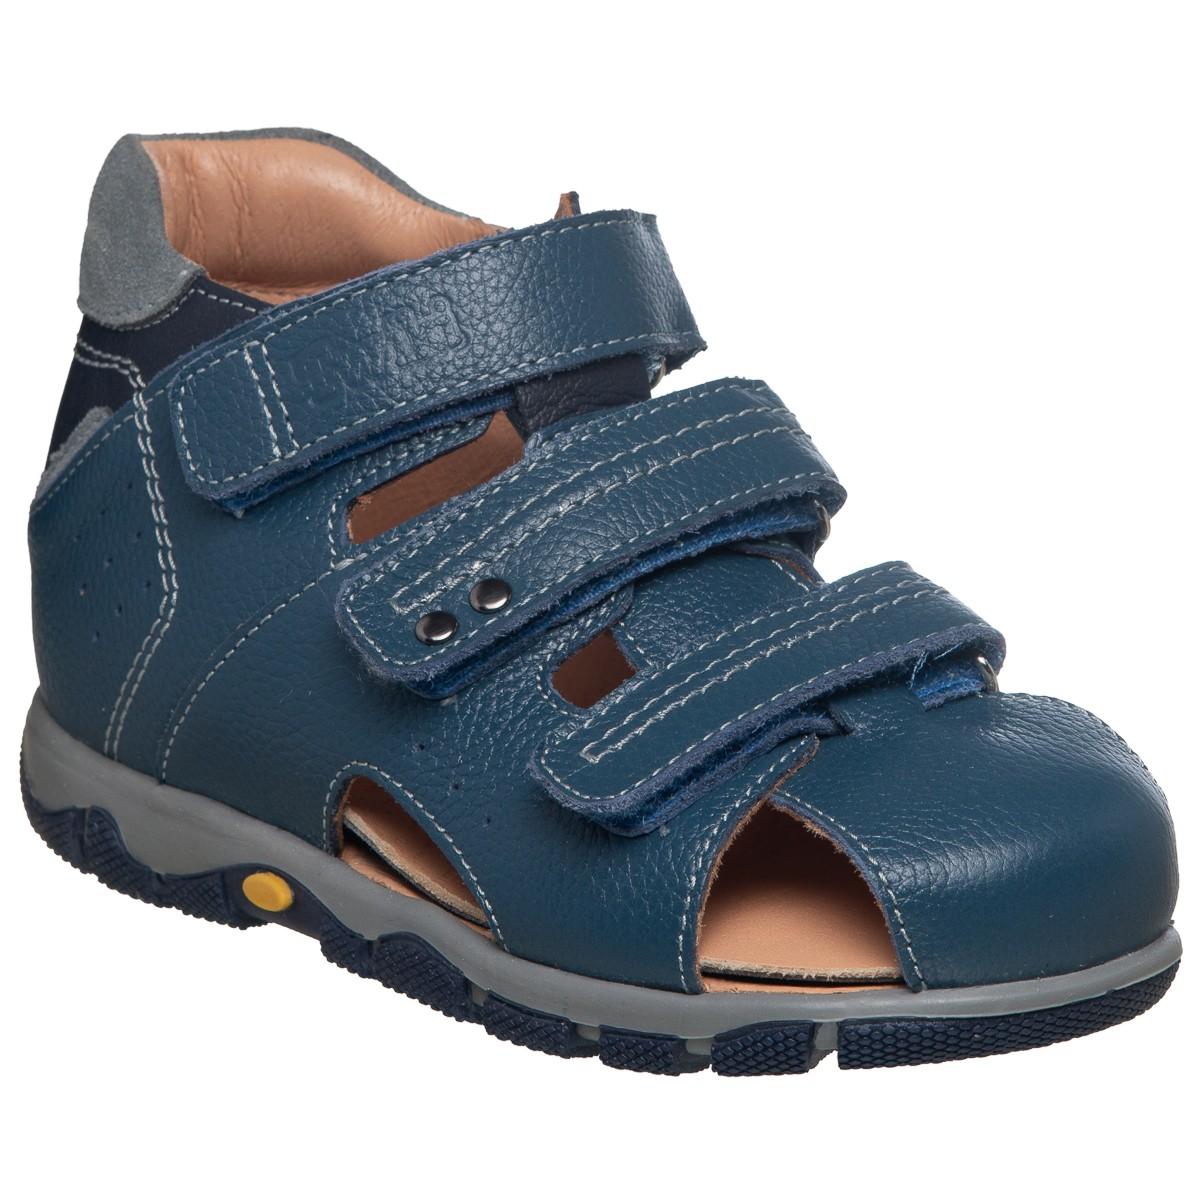 5d2bf6c33 Ортопедическая обувь для детей ᐈ Купить детскую ортопедическую обувь в Киеве